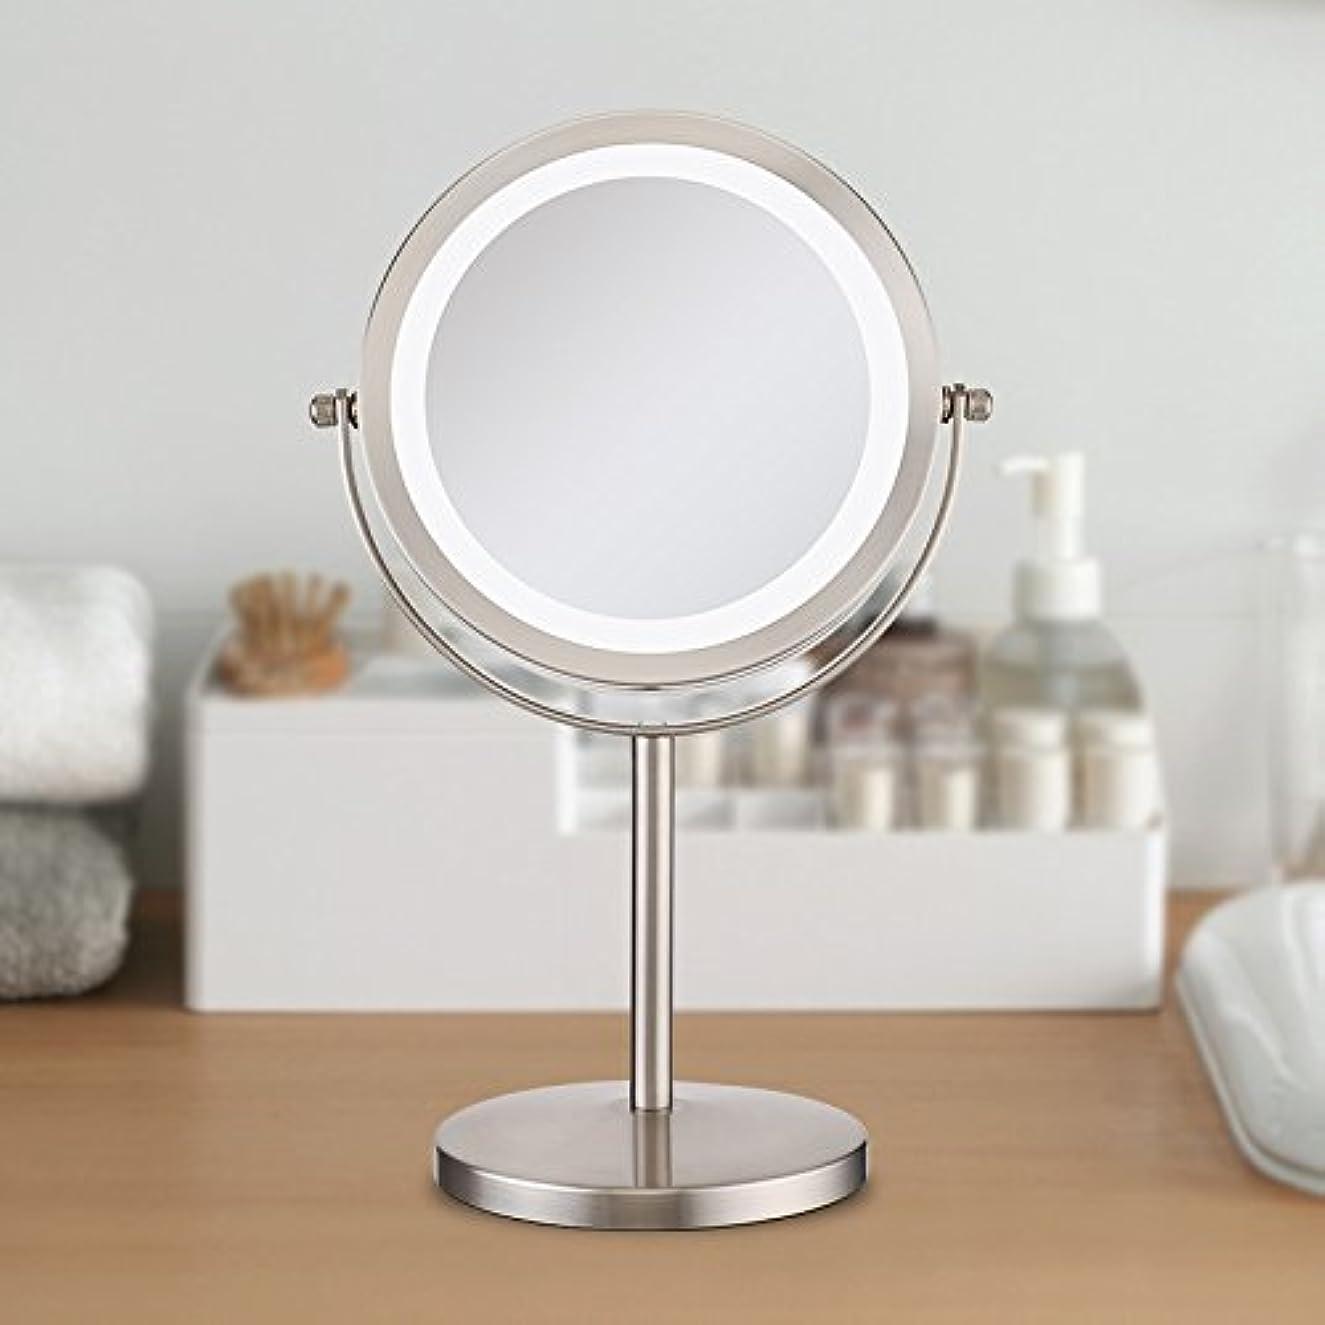 モルヒネ高層ビル掻く(セーディコ)Cerdeco 真実の北欧風卓上鏡DX LEDライト付き 10倍拡大率 両面化粧鏡 真実の鏡DX スタンドミラー 鏡面φ178mm (10倍拡大+等倍?両面) D710N